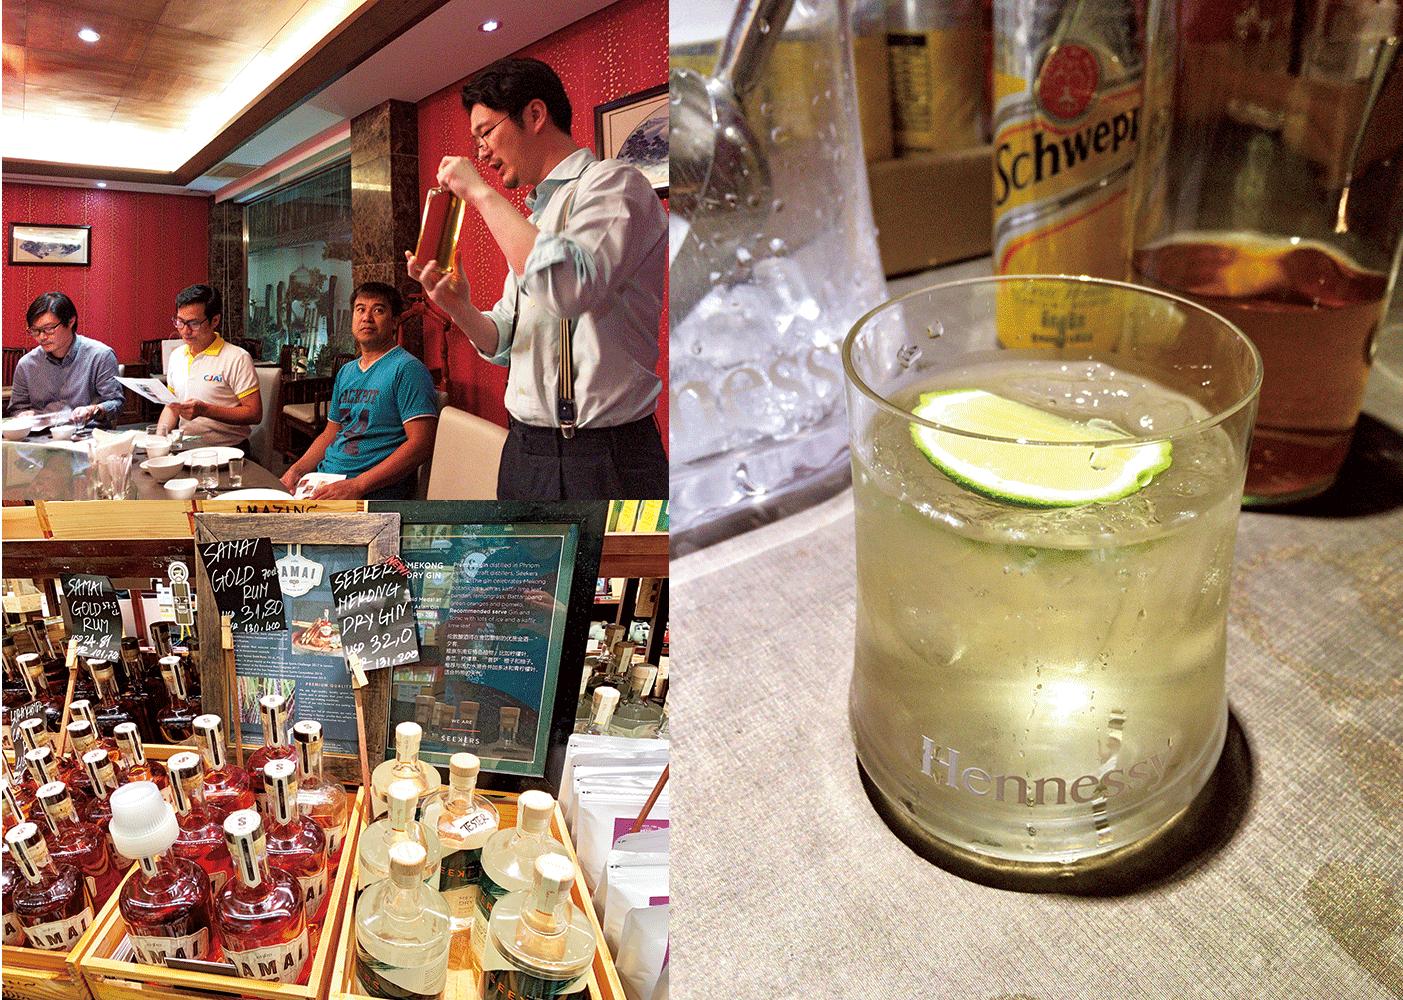 ❺カンボジア産スパイスやハーブ、ホテイアオイを原料に造ったクラフトジン。❻ジンの試飲会。今後、商品化を目指す。バイオエタノール事業の土台を築くため、『サンウエスパ』は今年、カンボジアで会社の登記を予定。❼カンボジアで売られている酒類。